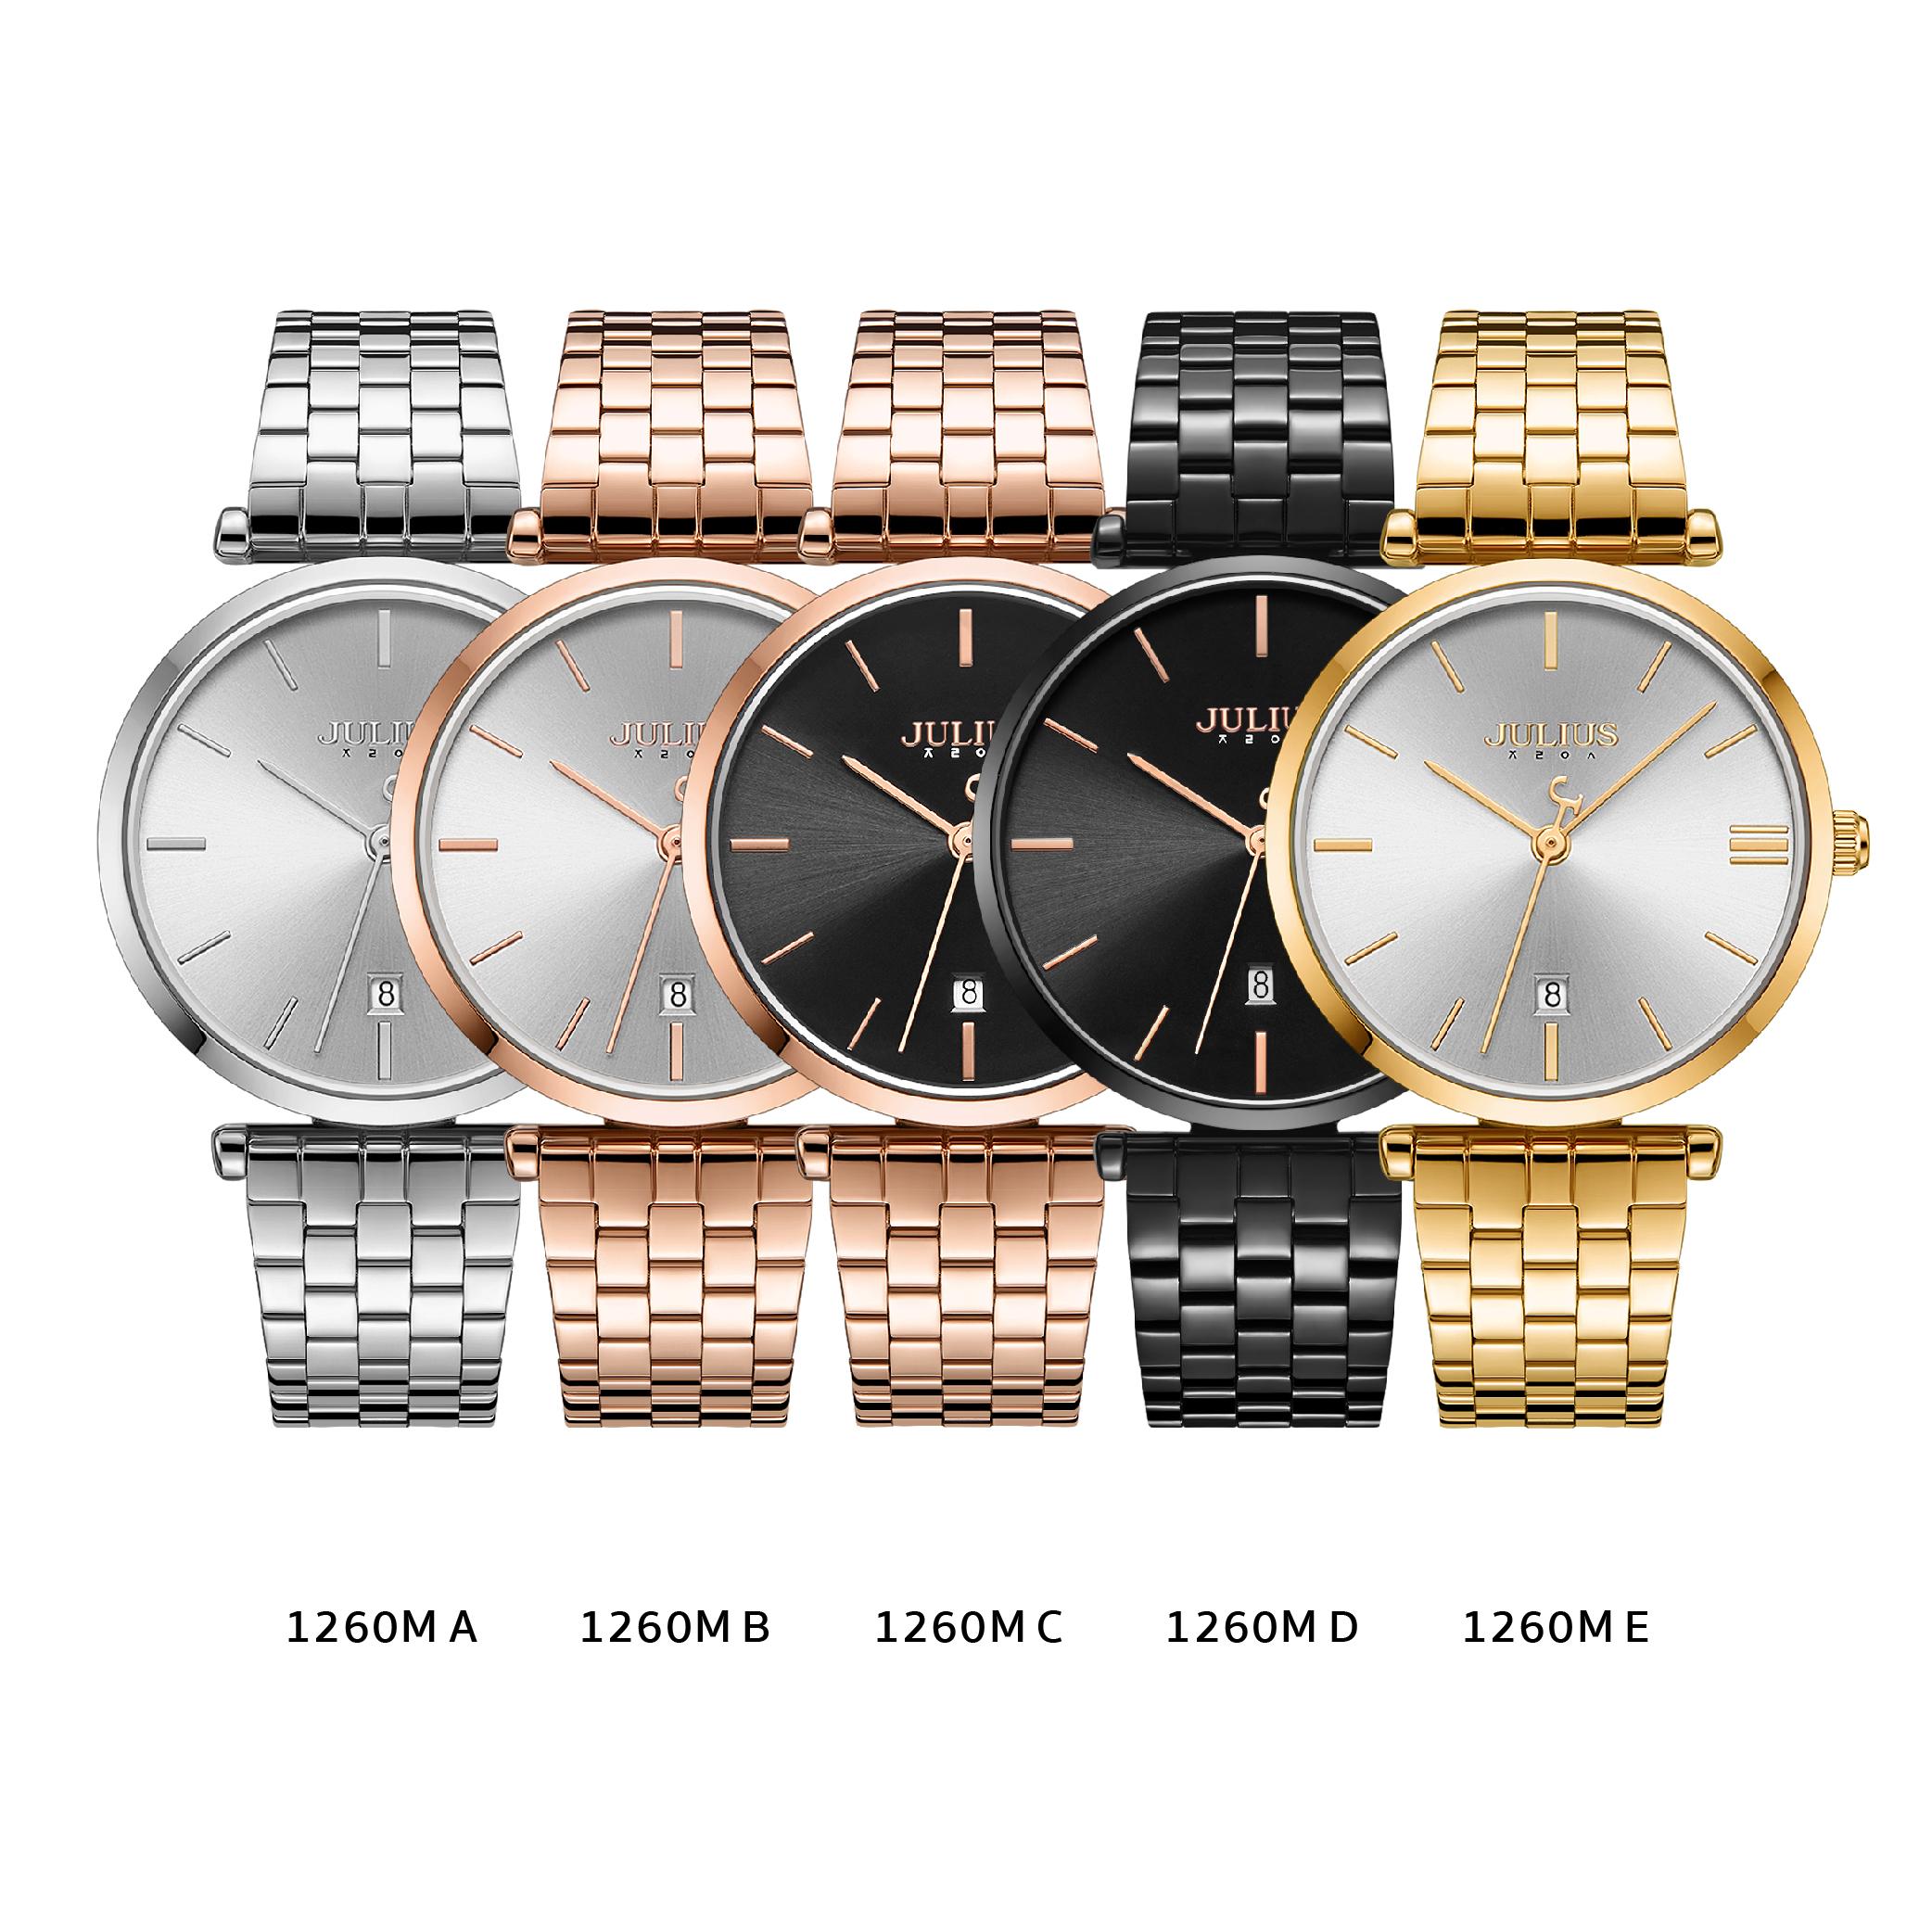 นาฬิกาข้อมือผู้หญิง JULIUS JA-1260M B